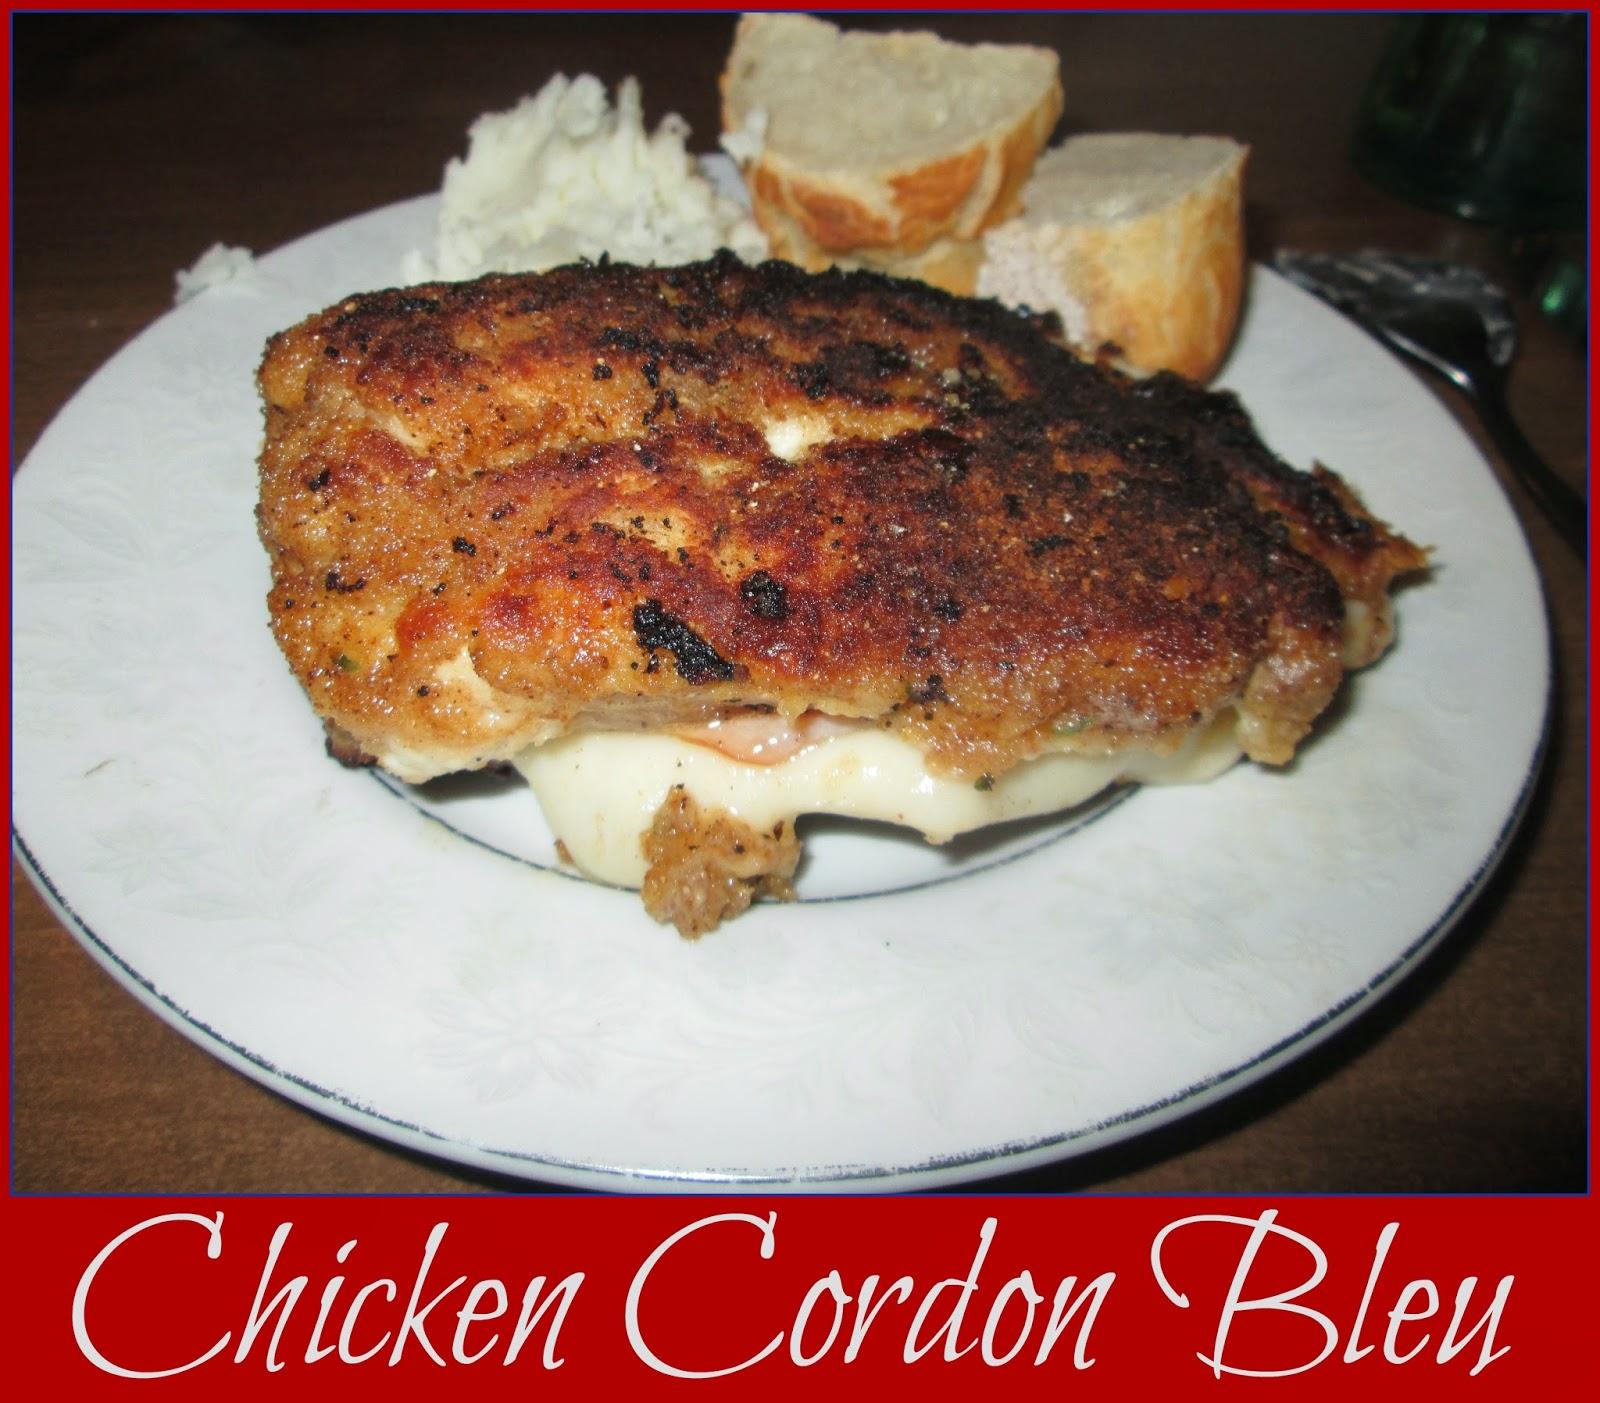 A Taste of Europe - Chicken Cordon Bleu @ kympossibleblog.blogspot.com